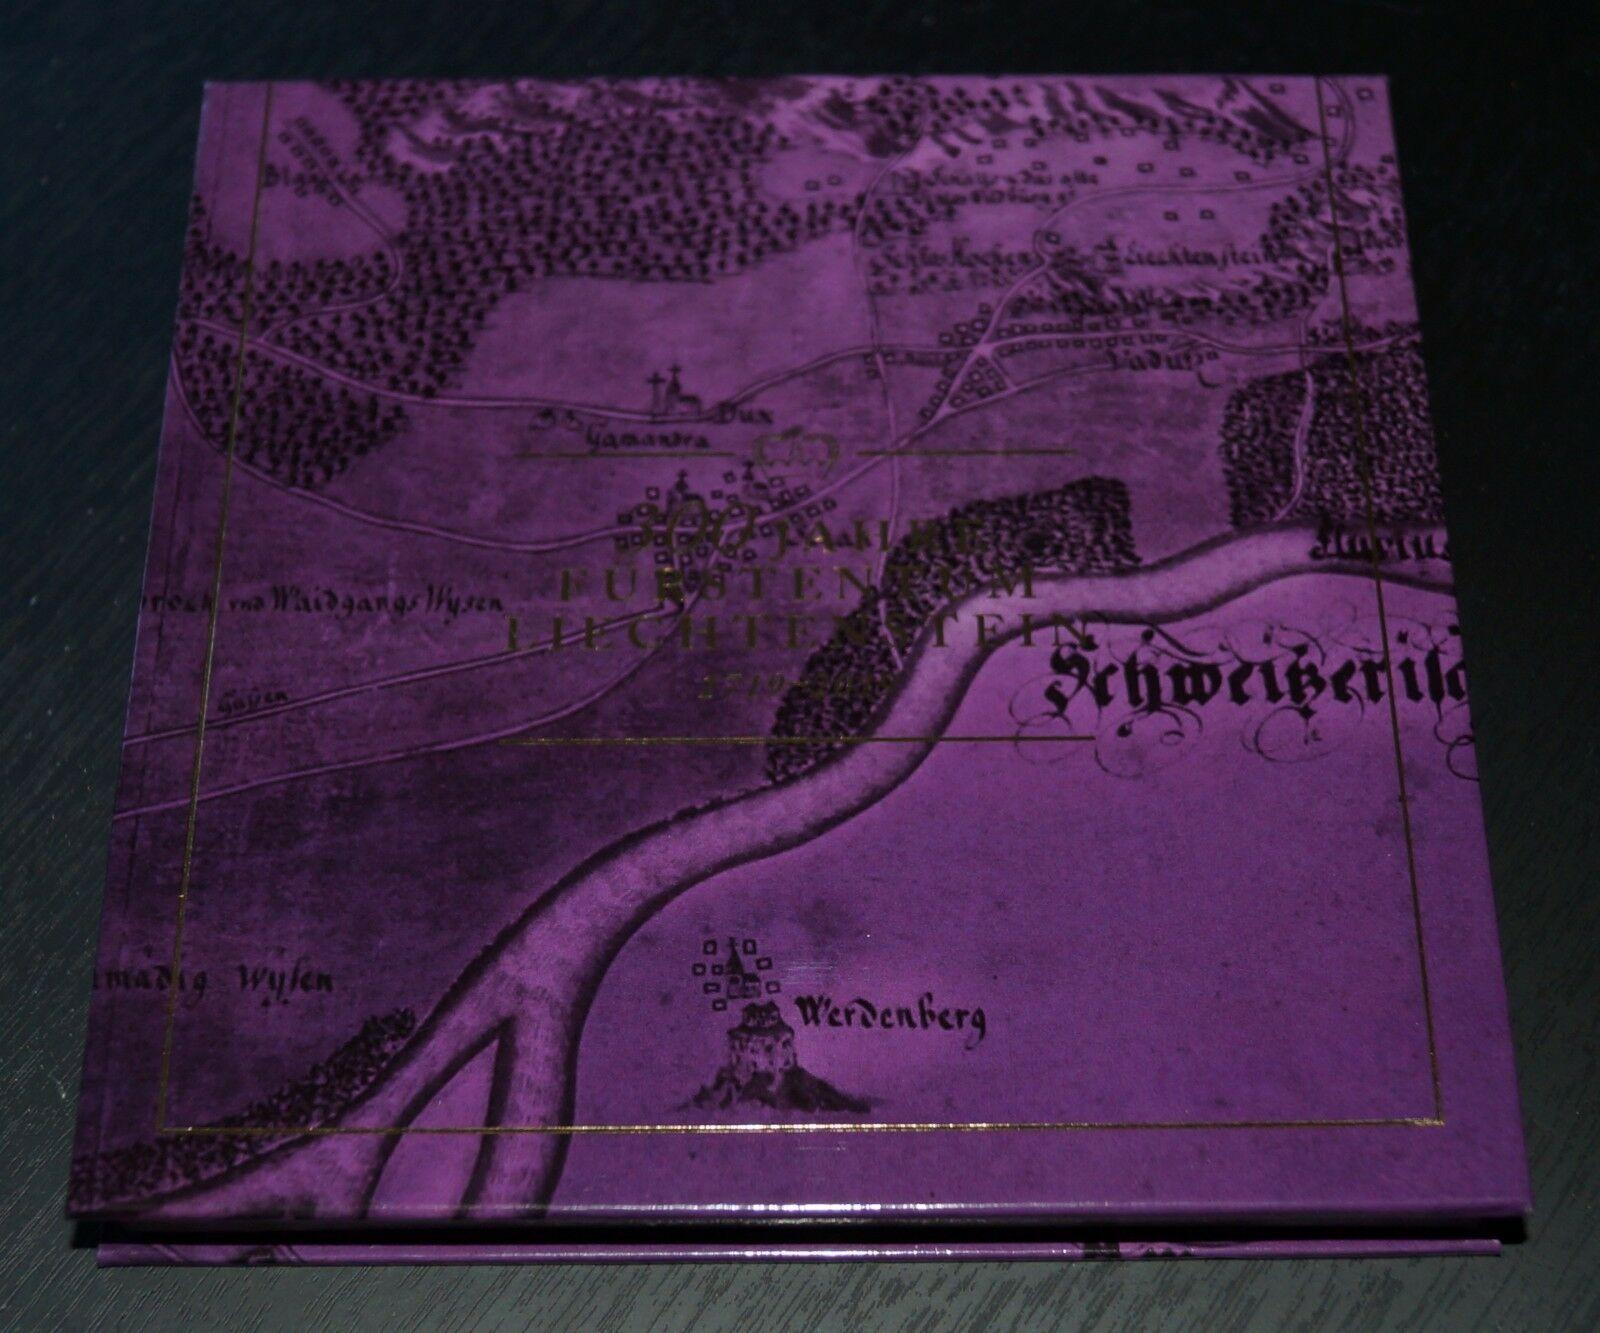 Liechtenstein - 300th Anniversary of Liechtenstein (January 23, 2019) gold thread variety presentation box